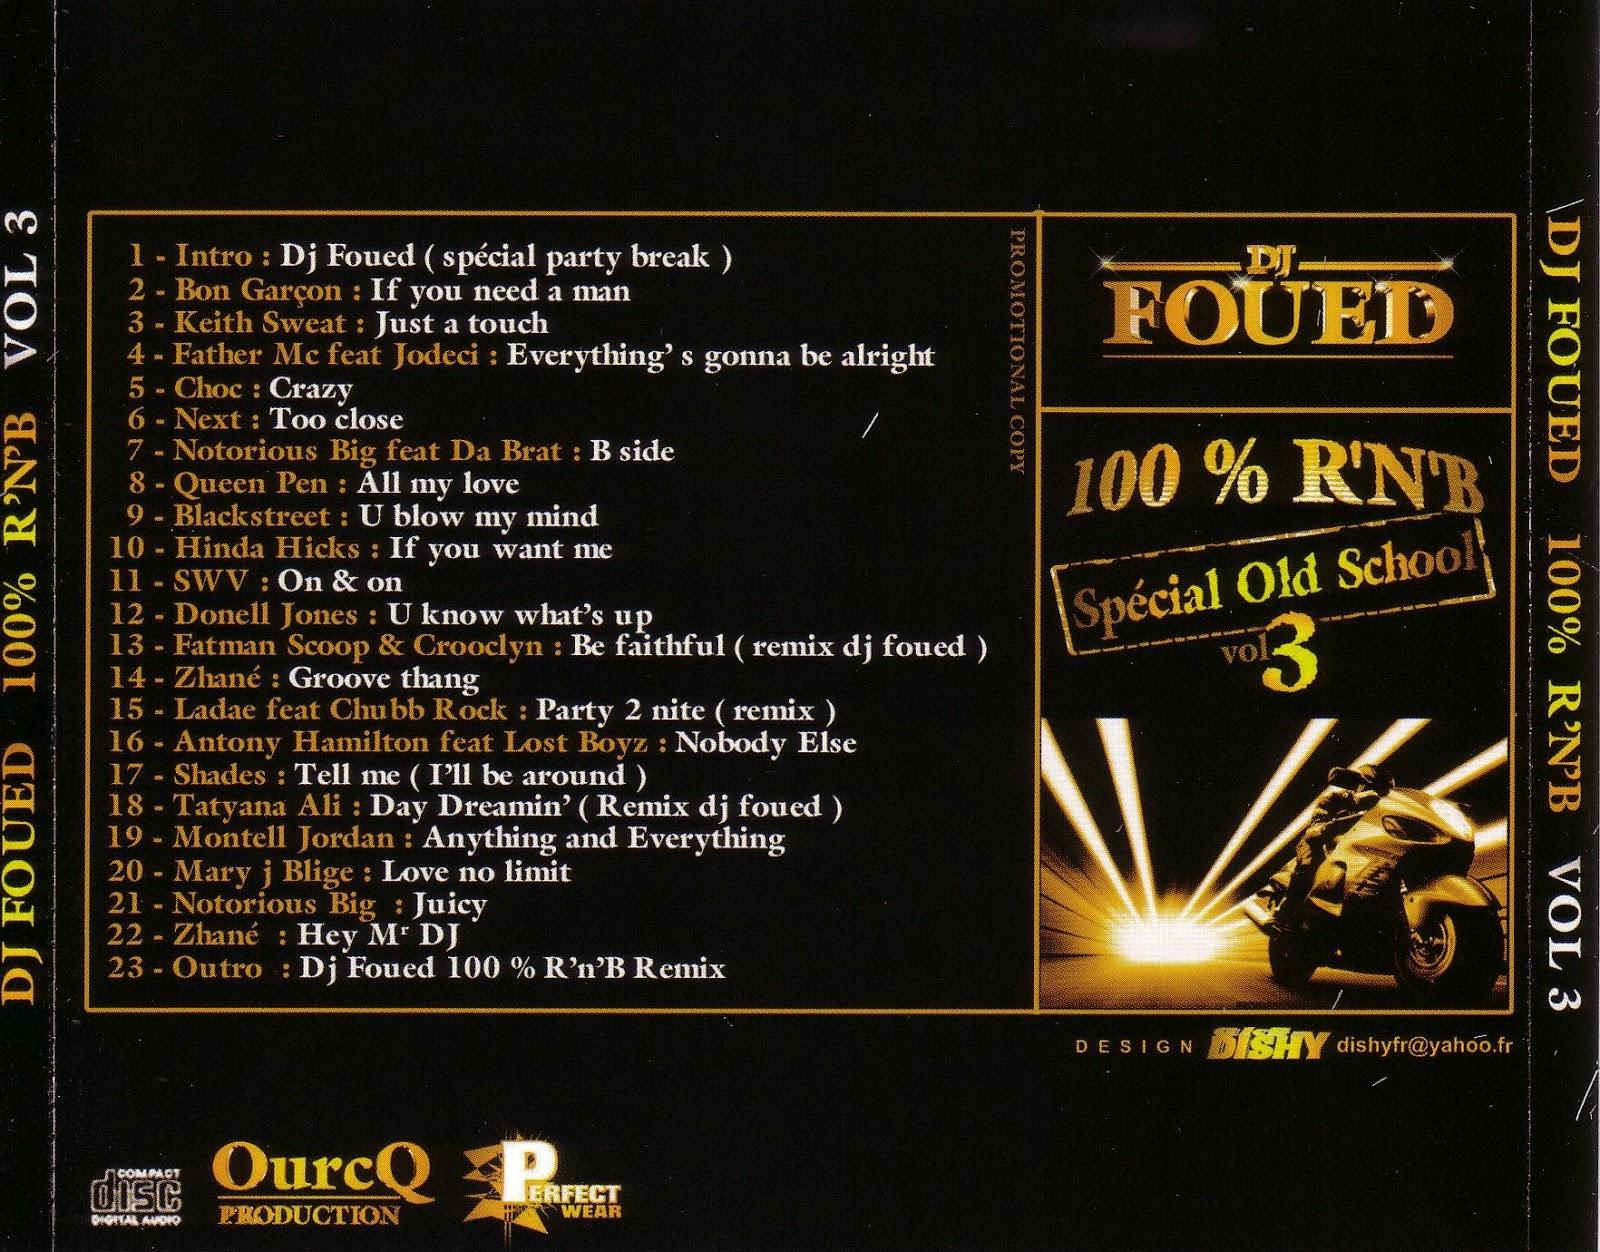 dj foued 100 rnb francais